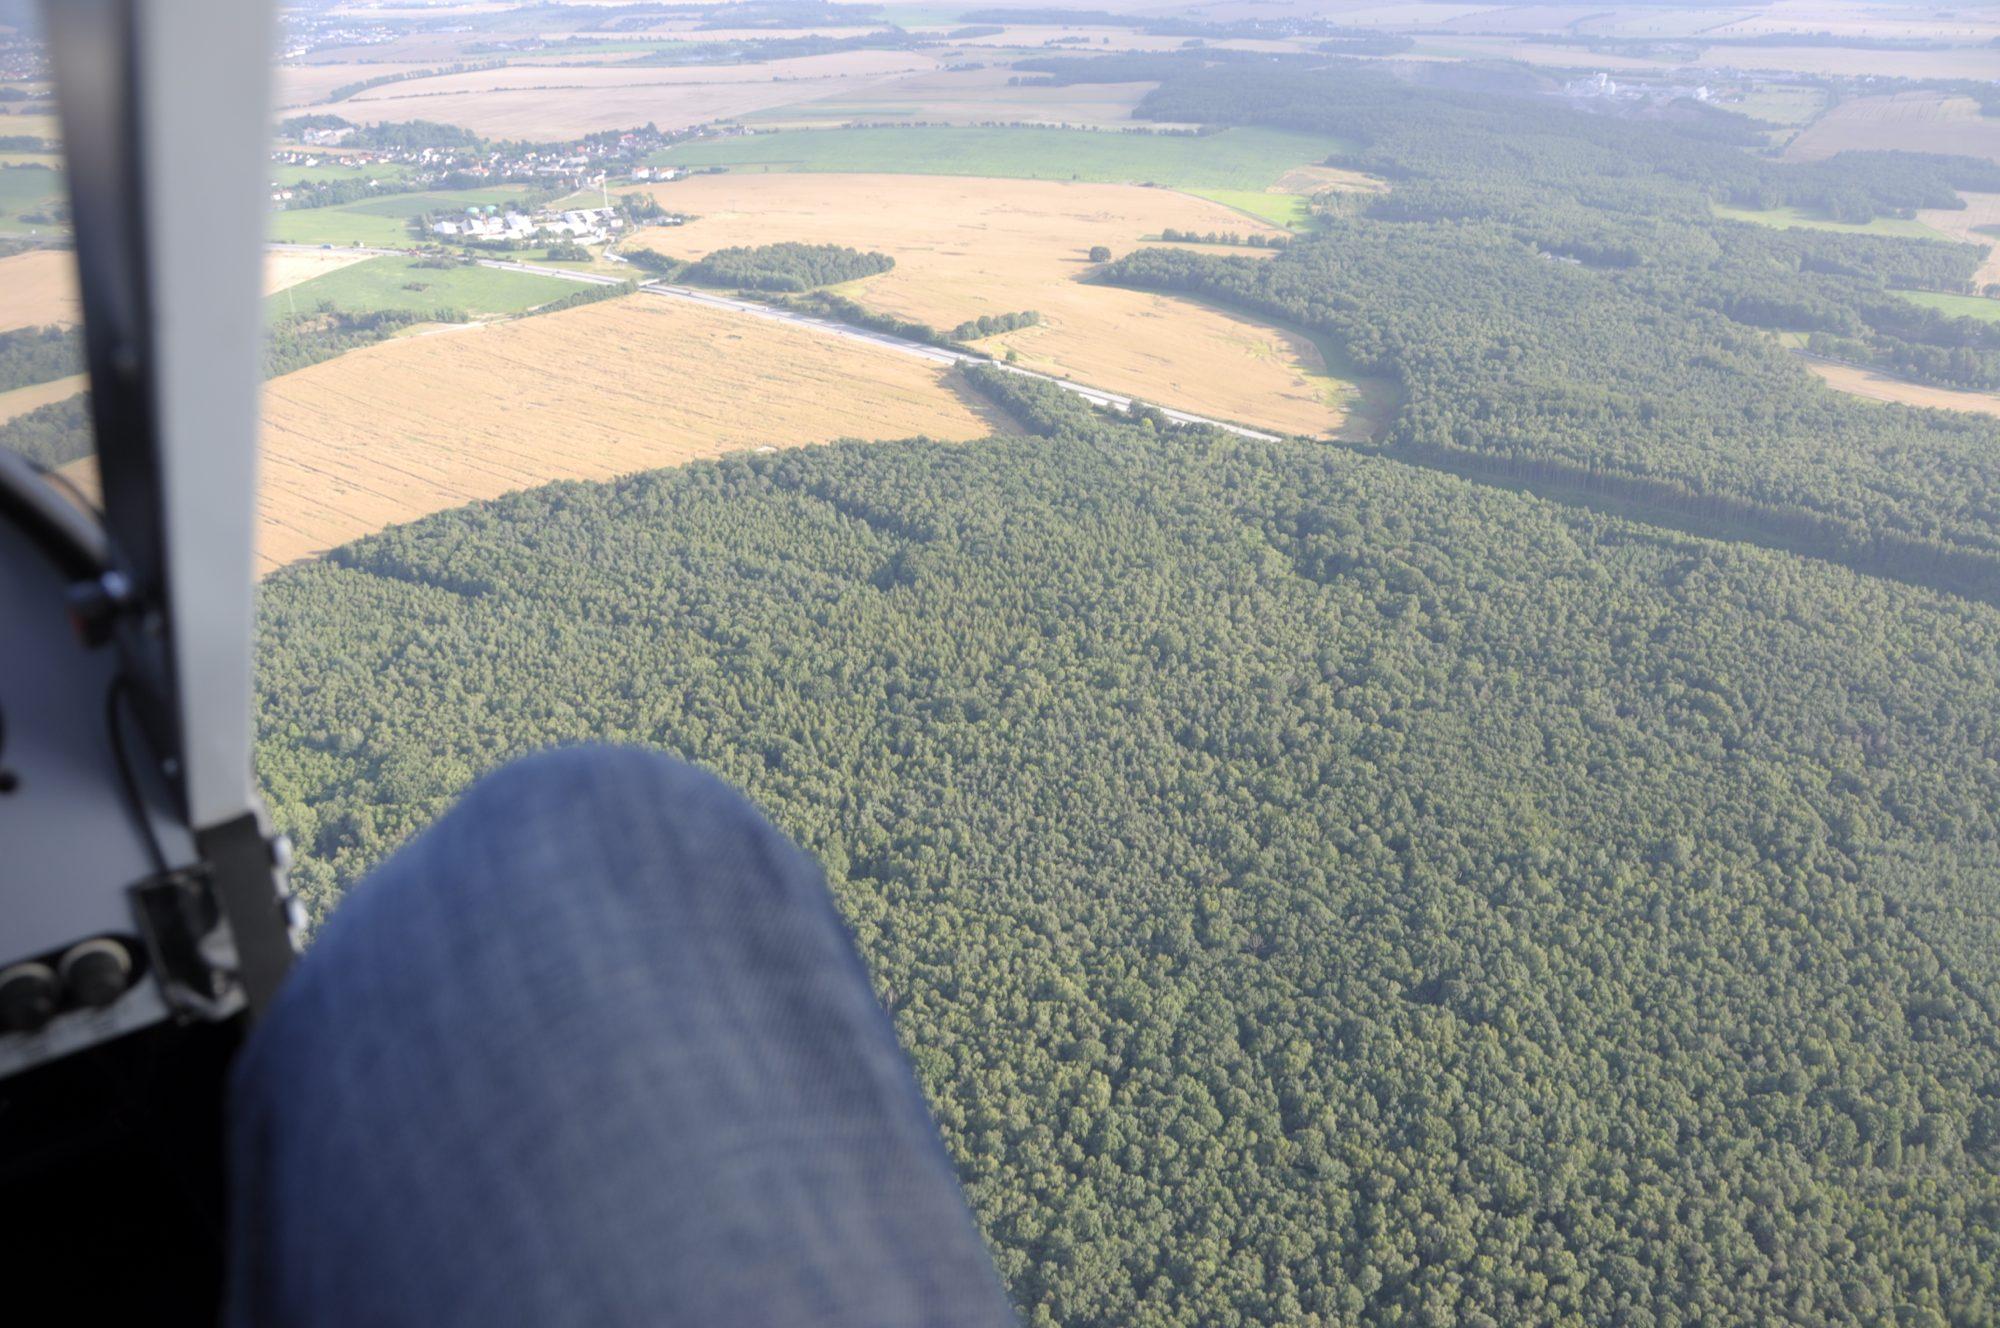 Türlos bei ca. 160 km/h und 350m über dem Boden...